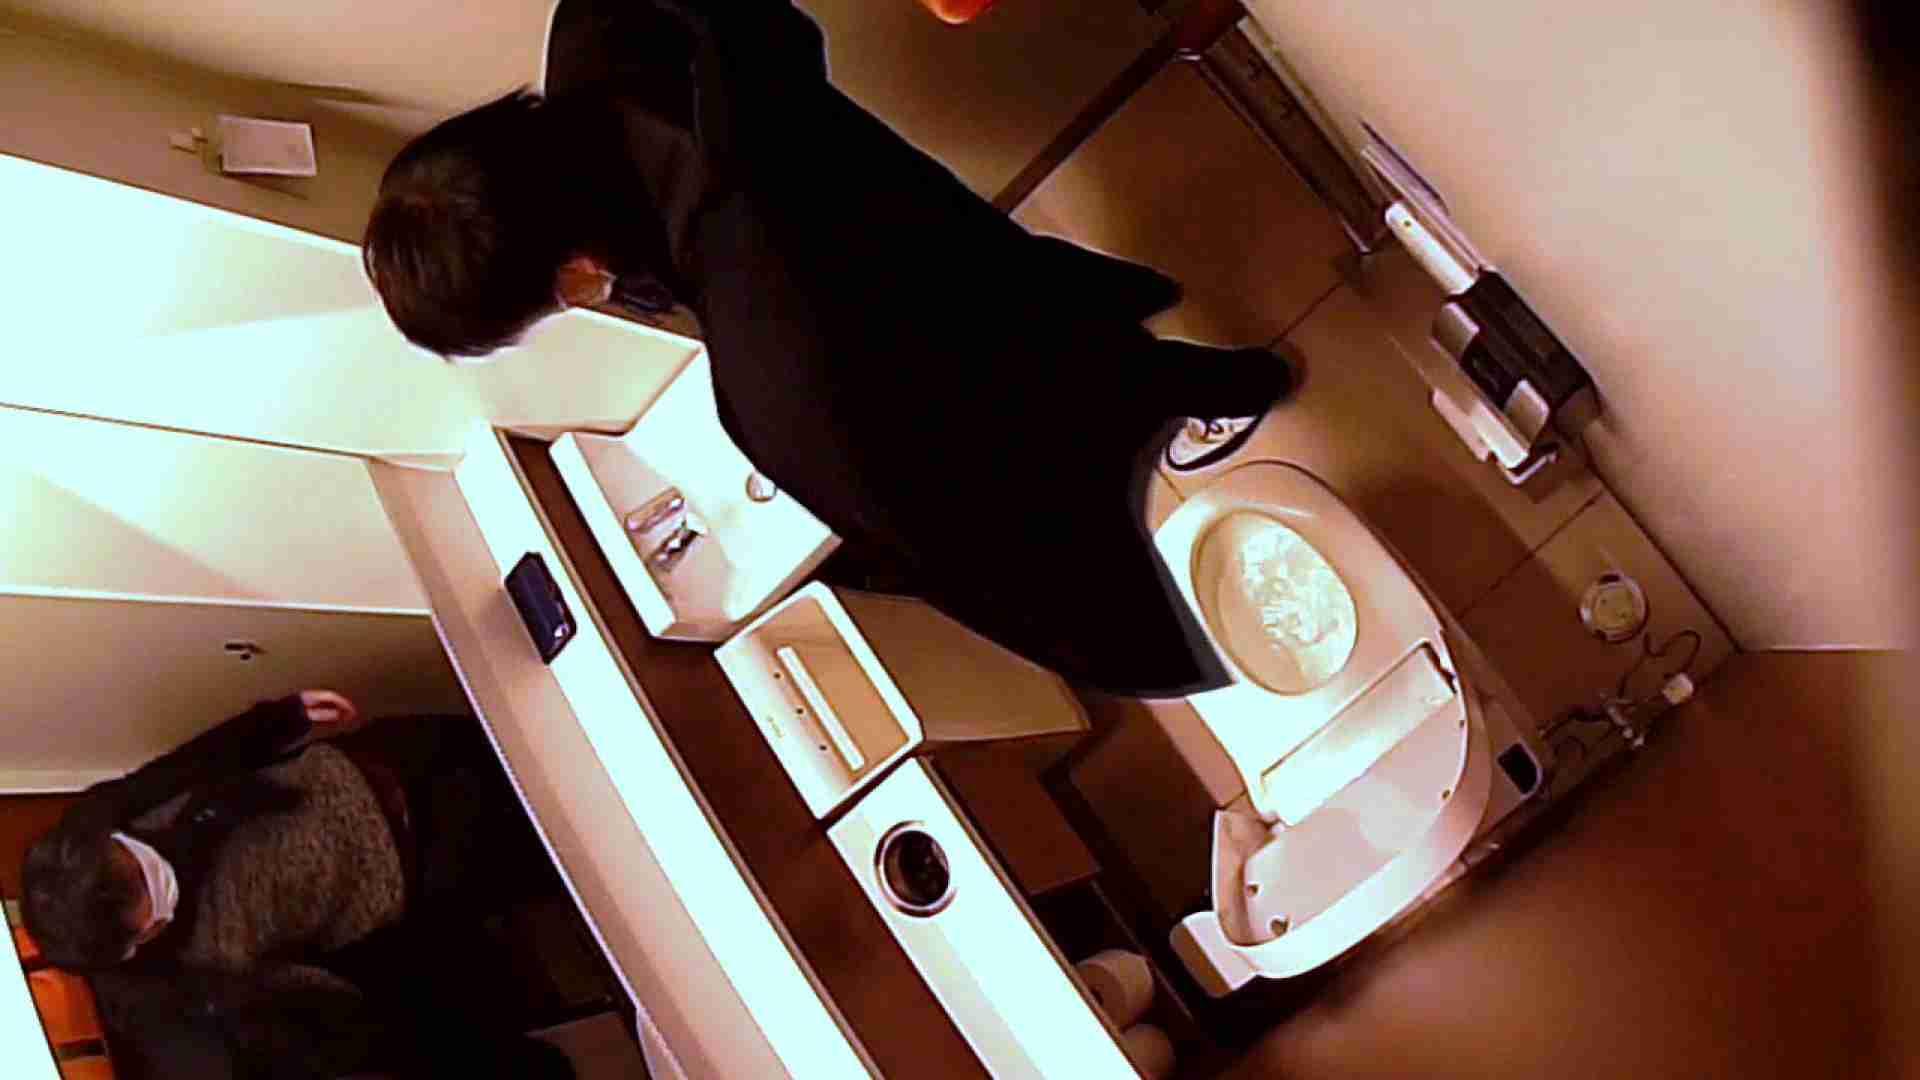 イケメンの素顔in洗面所 Vol.03 うんこ | 丸見え  62連発 10